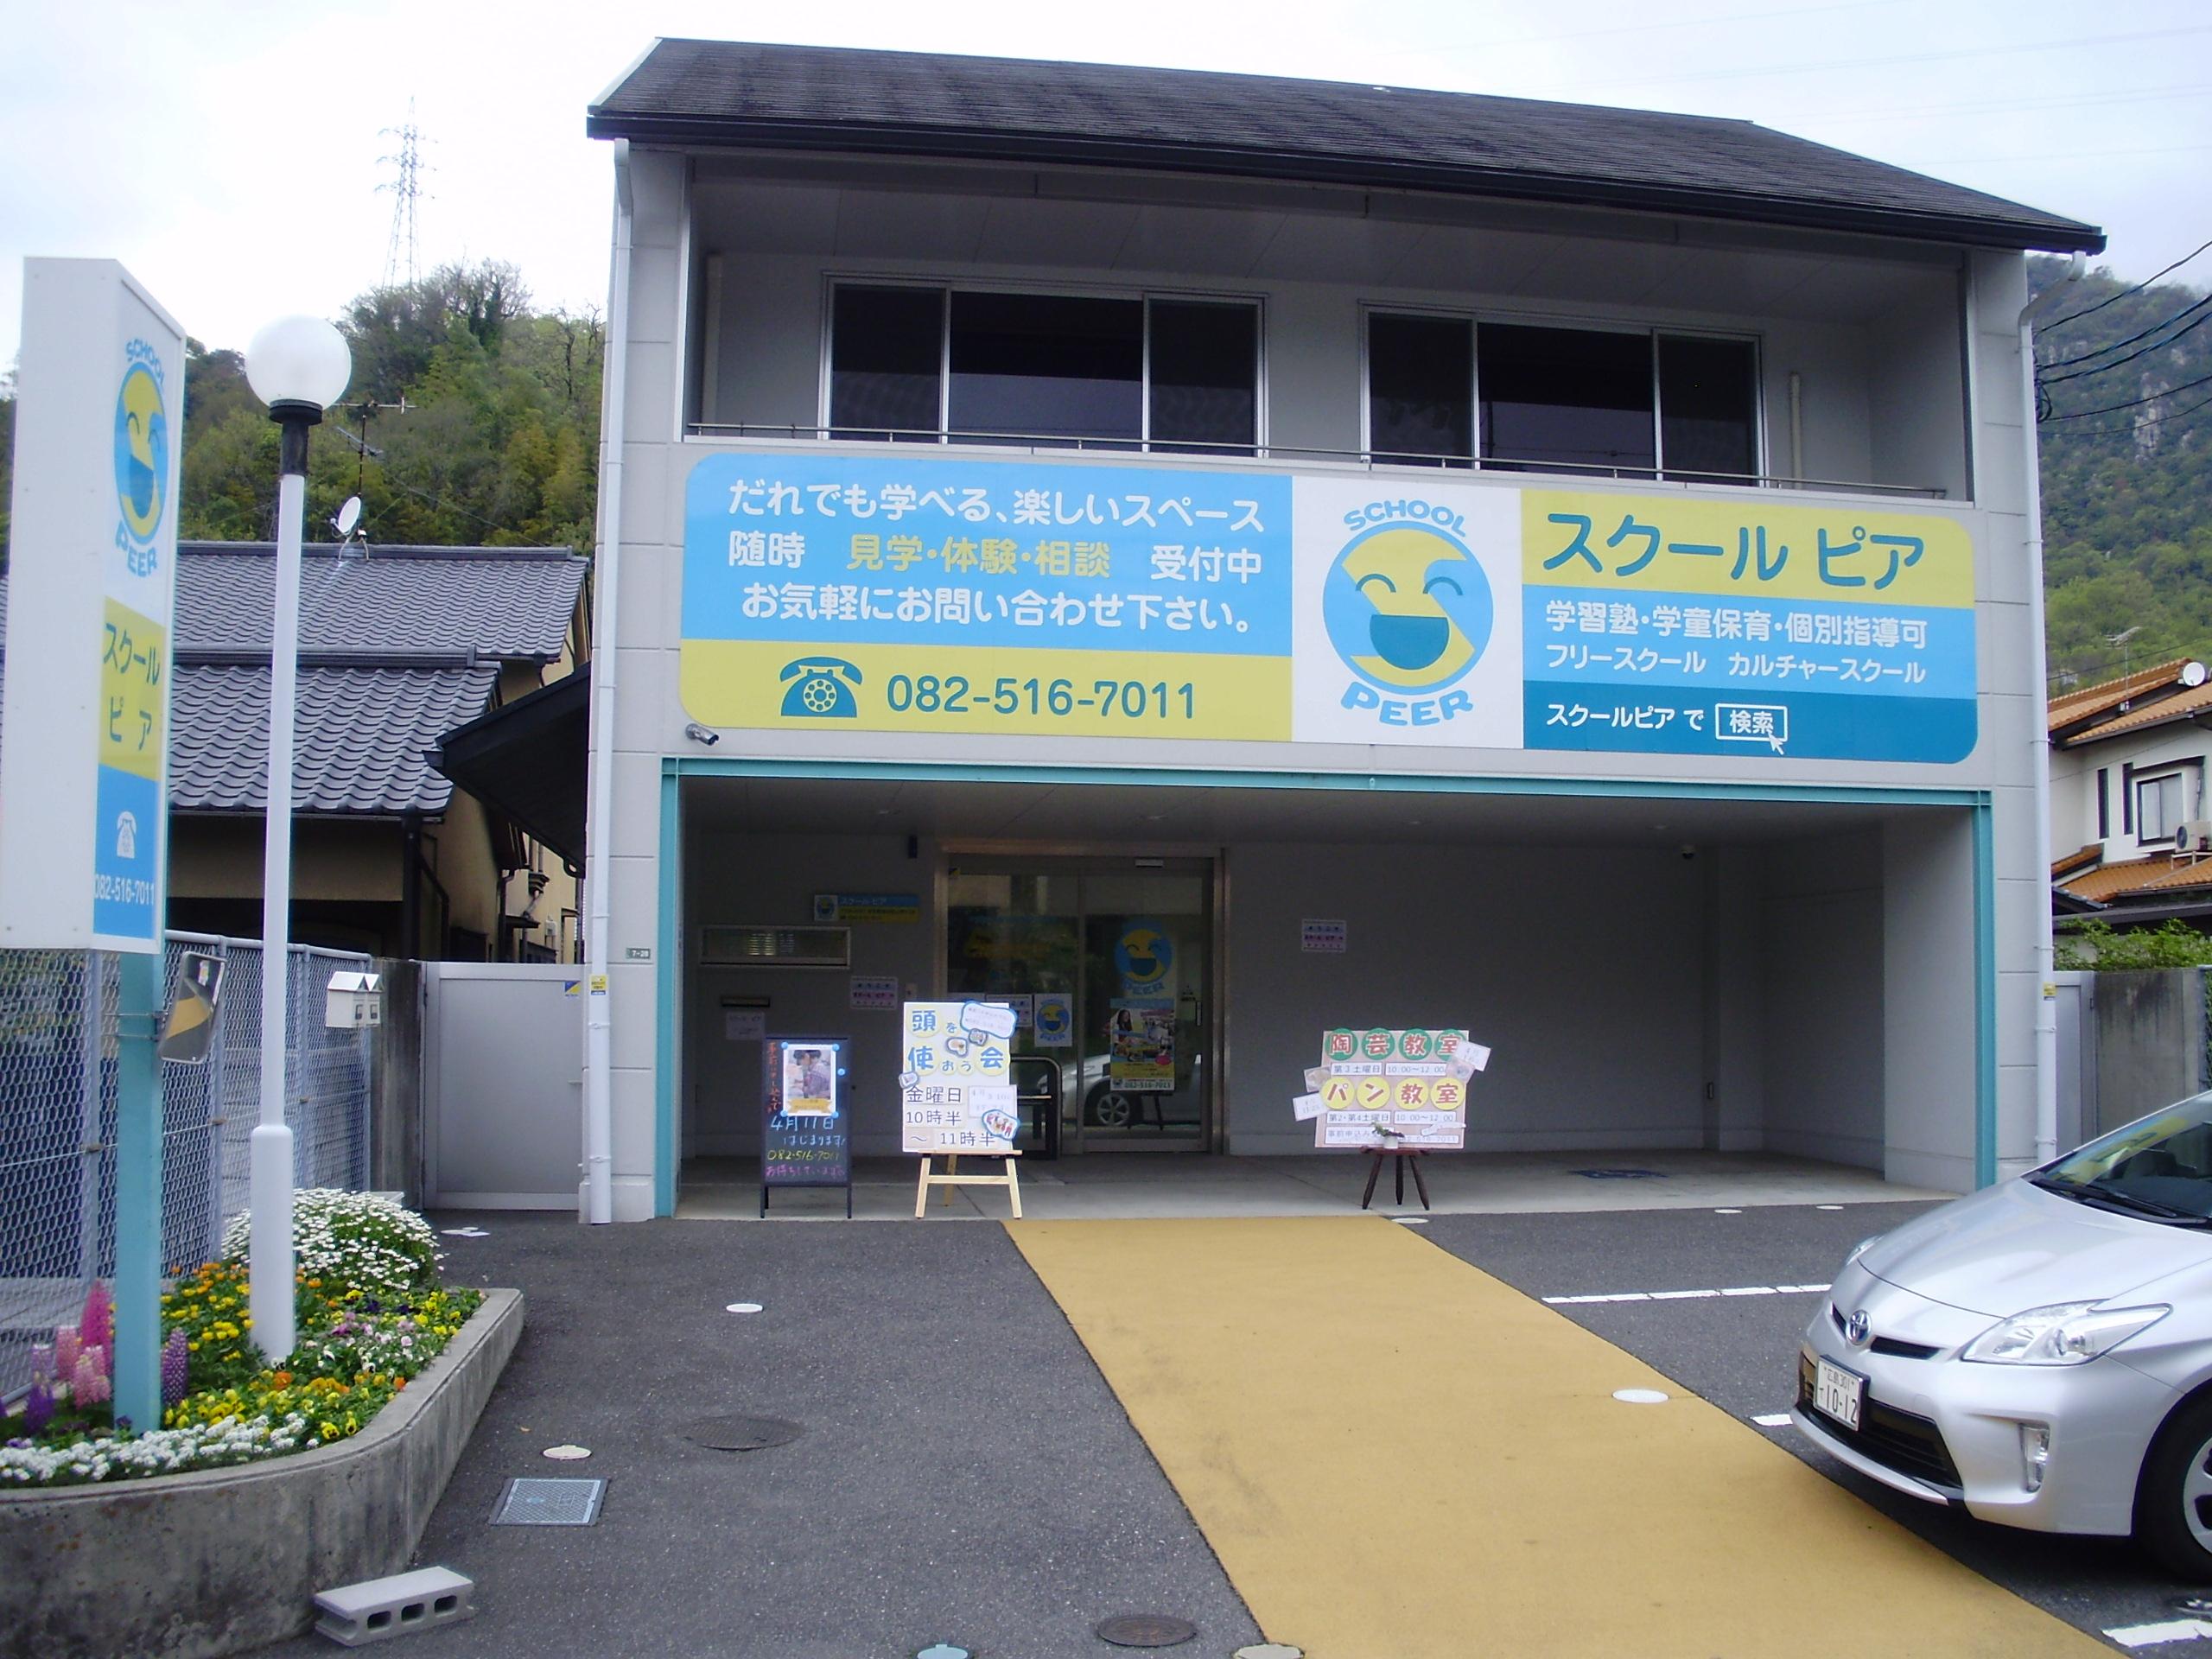 スクールピア(海田)